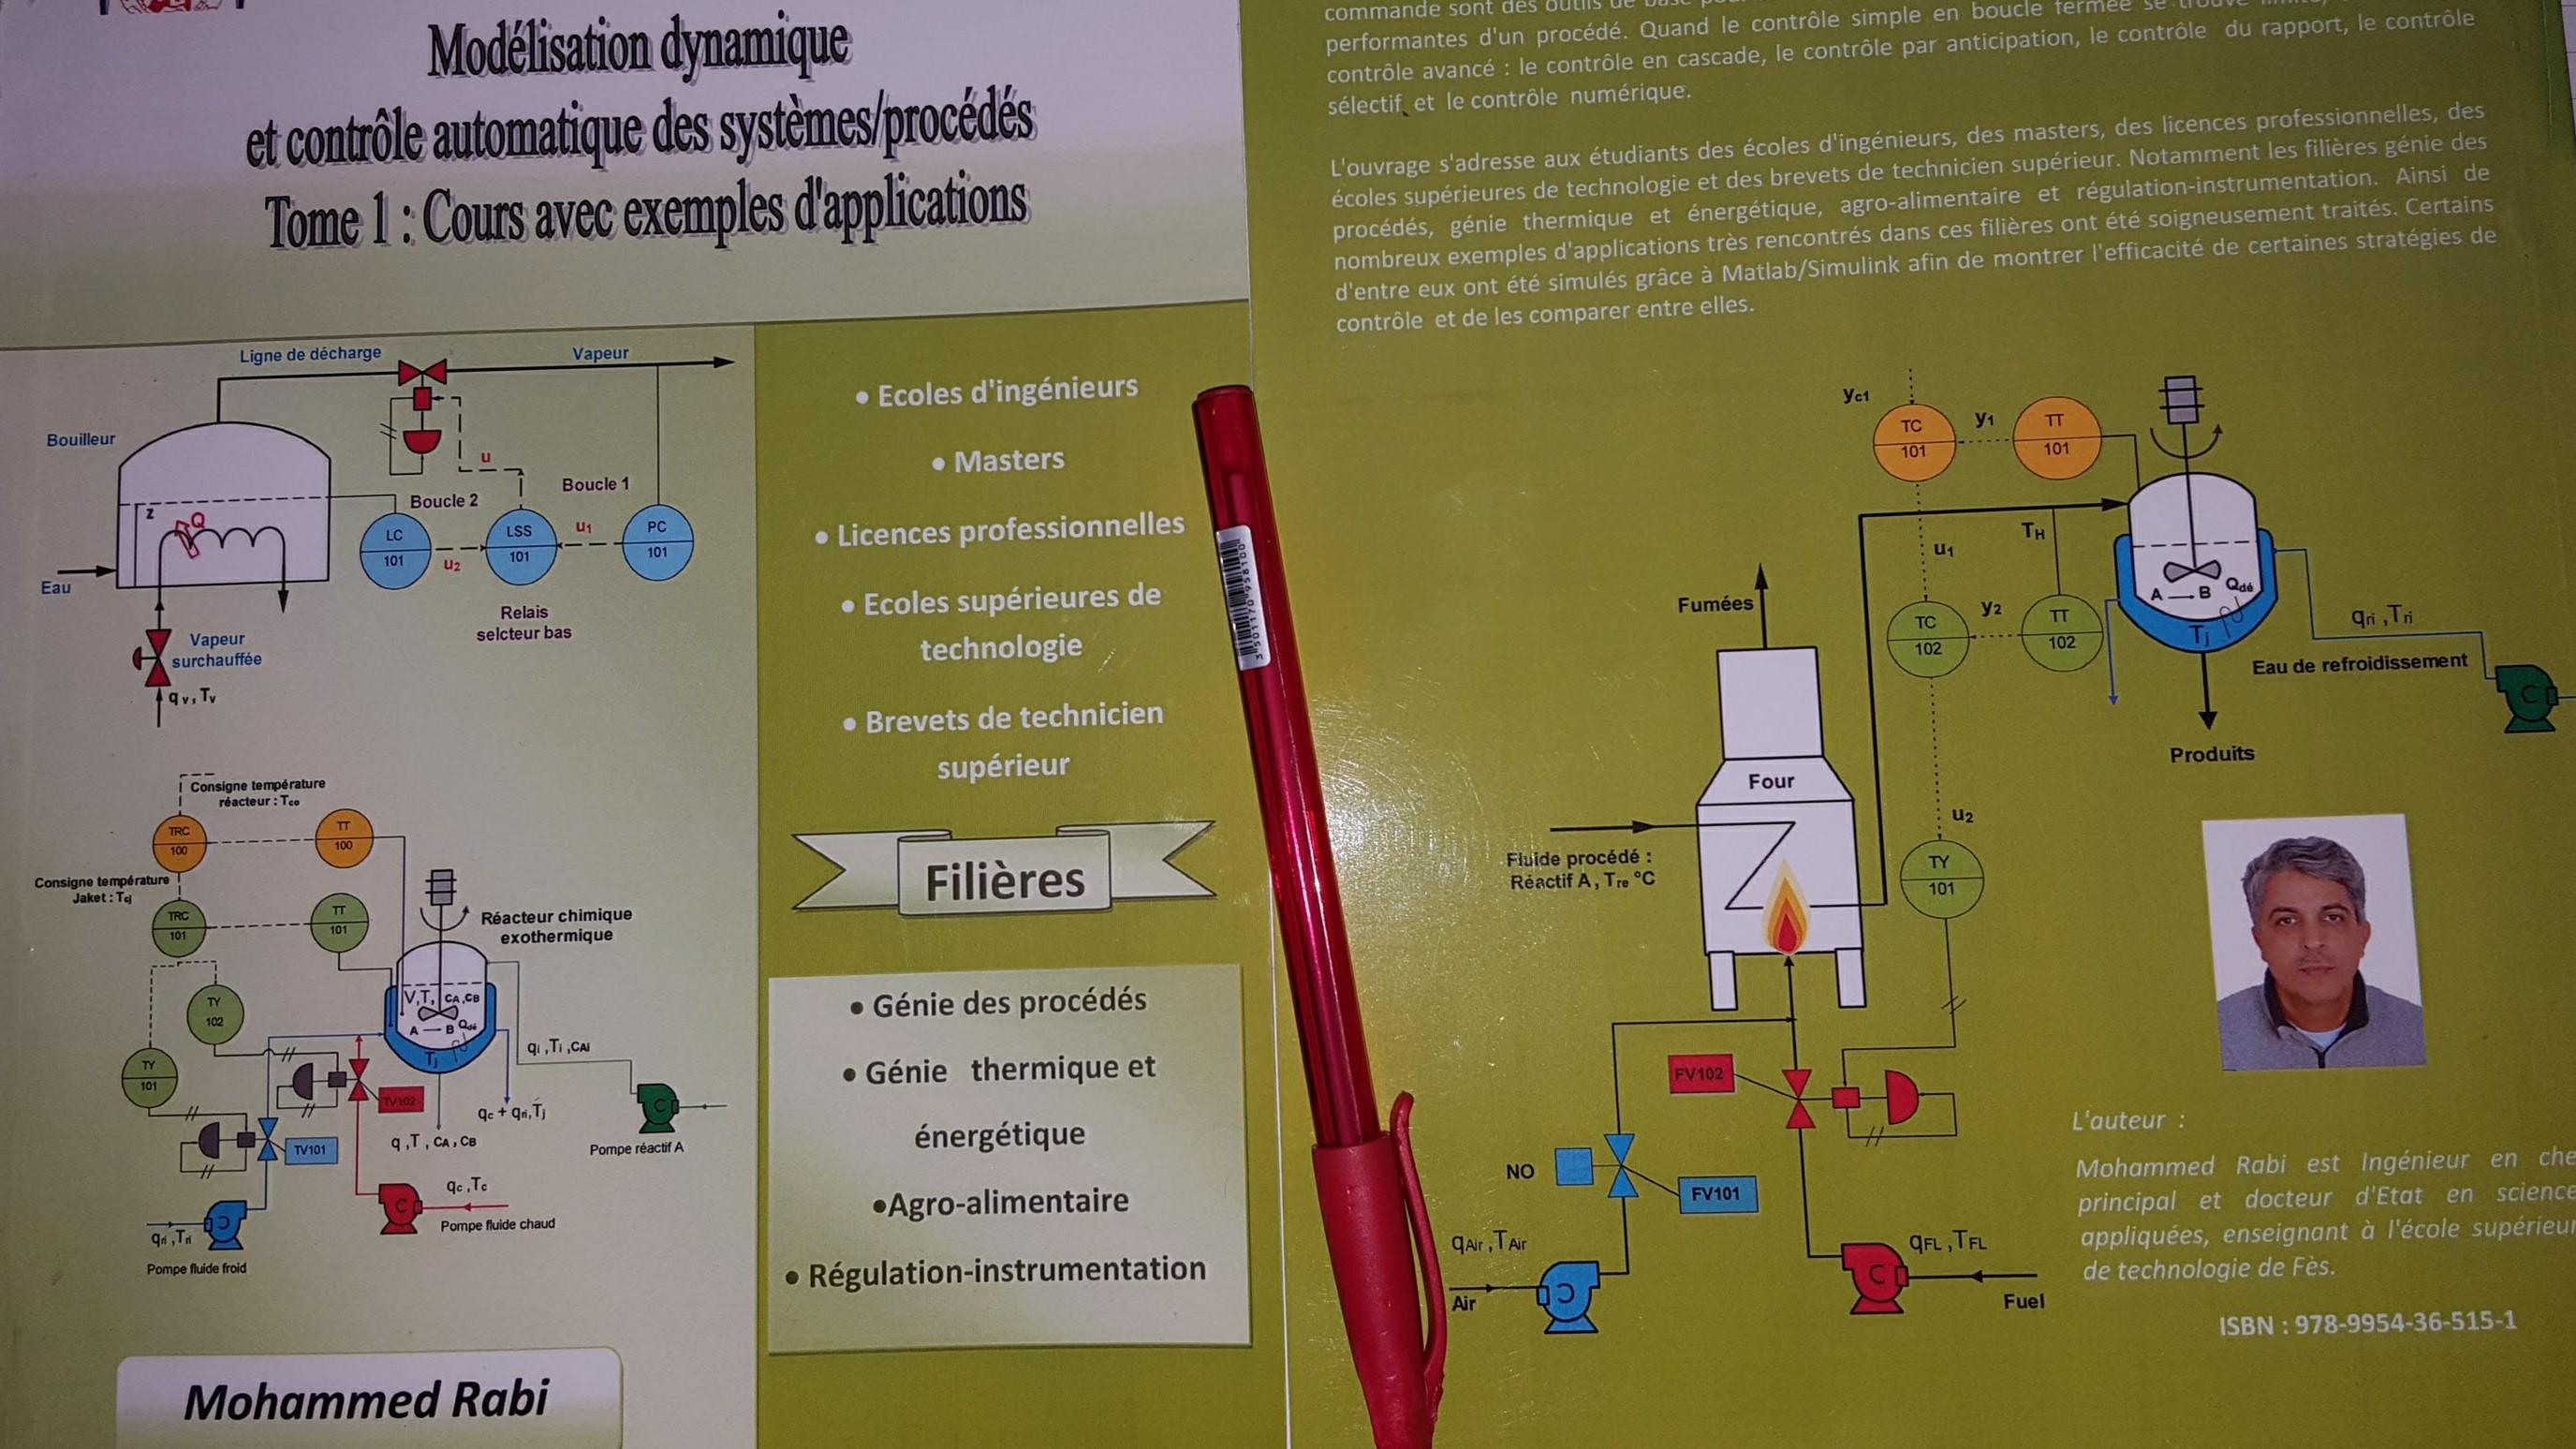 Modélisation dynamique et contrôle automatique des systèmes/procédés Filière AGB